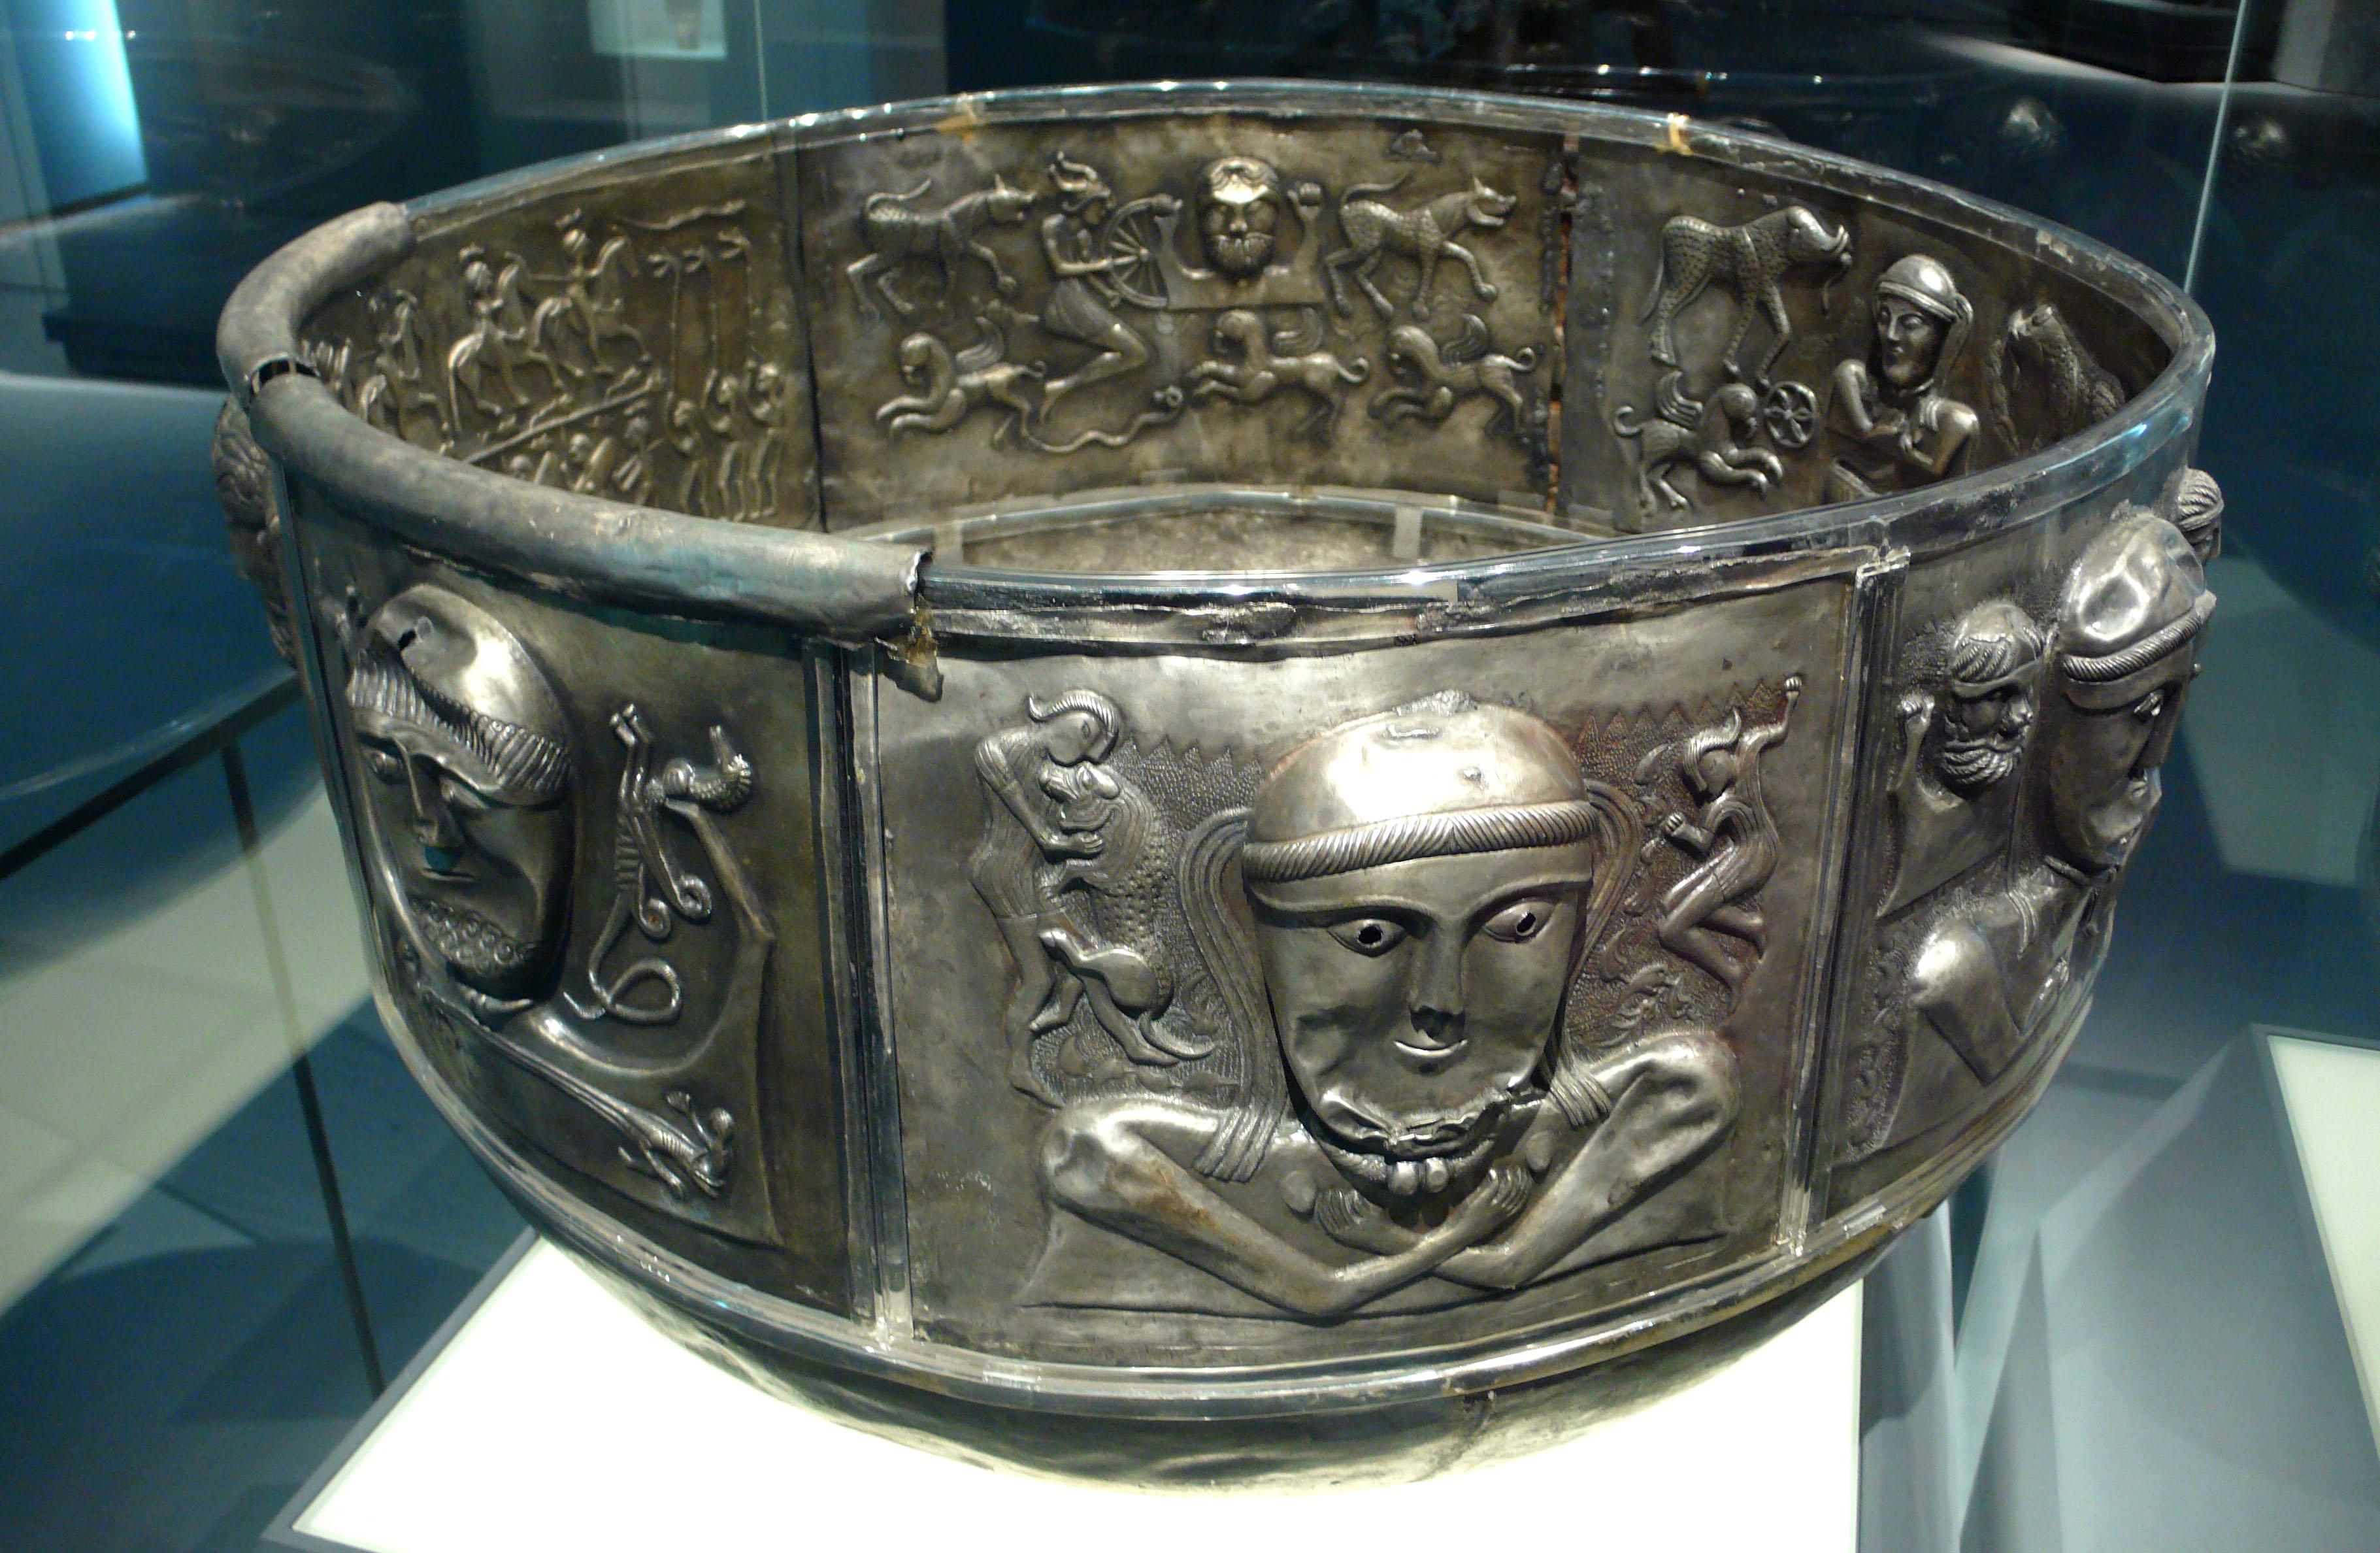 INVESTIGACIÓN SOBRE EL 'BAPHOMET' Silver_cauldron